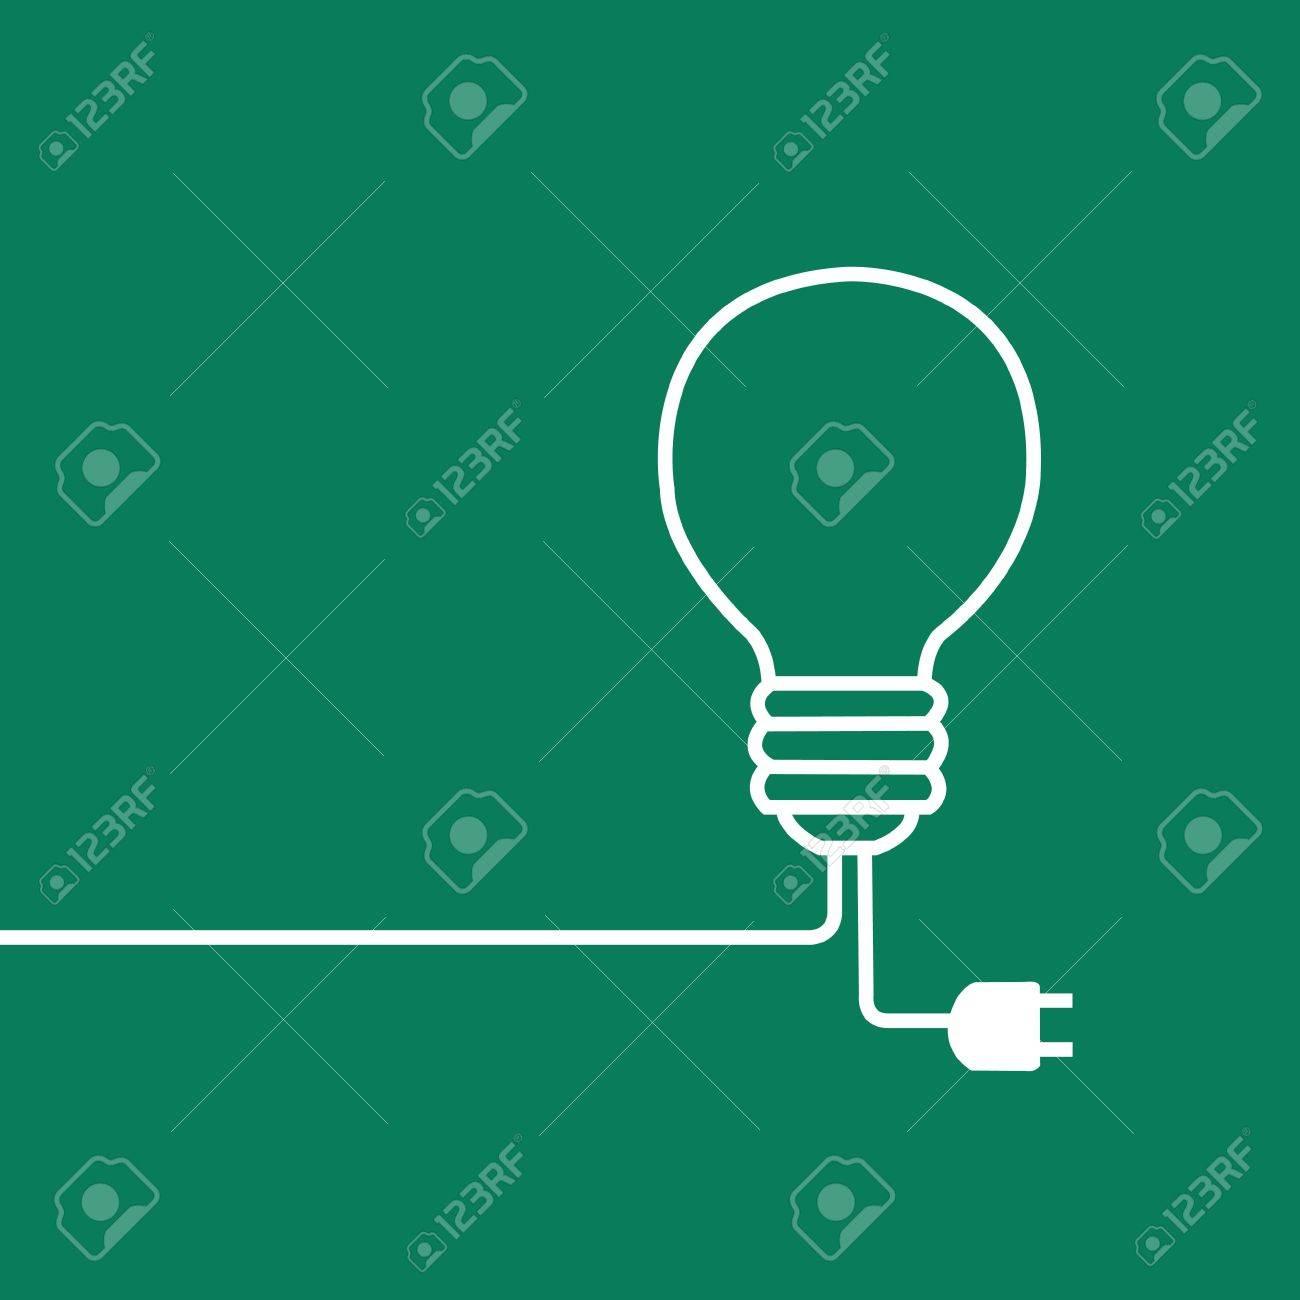 bulb Stock Vector - 17141530